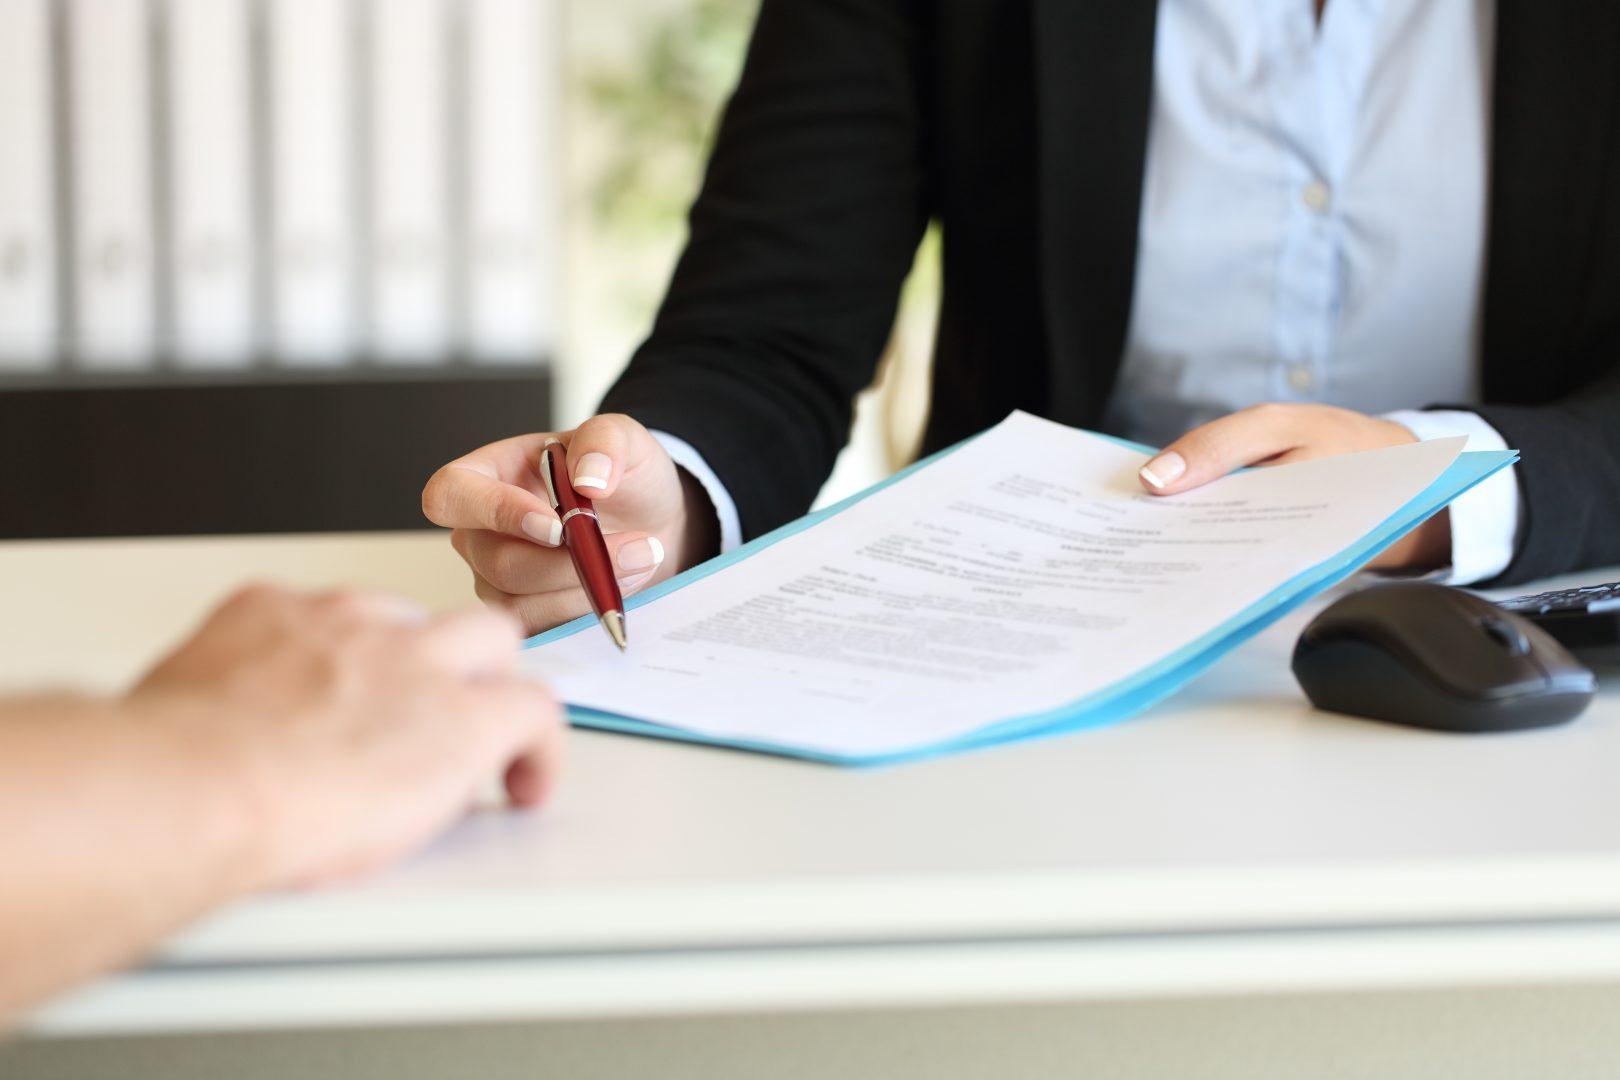 Umowy cywilnoprawne a stosunek pracy – zawieranie umów o dzieło i zlecenie